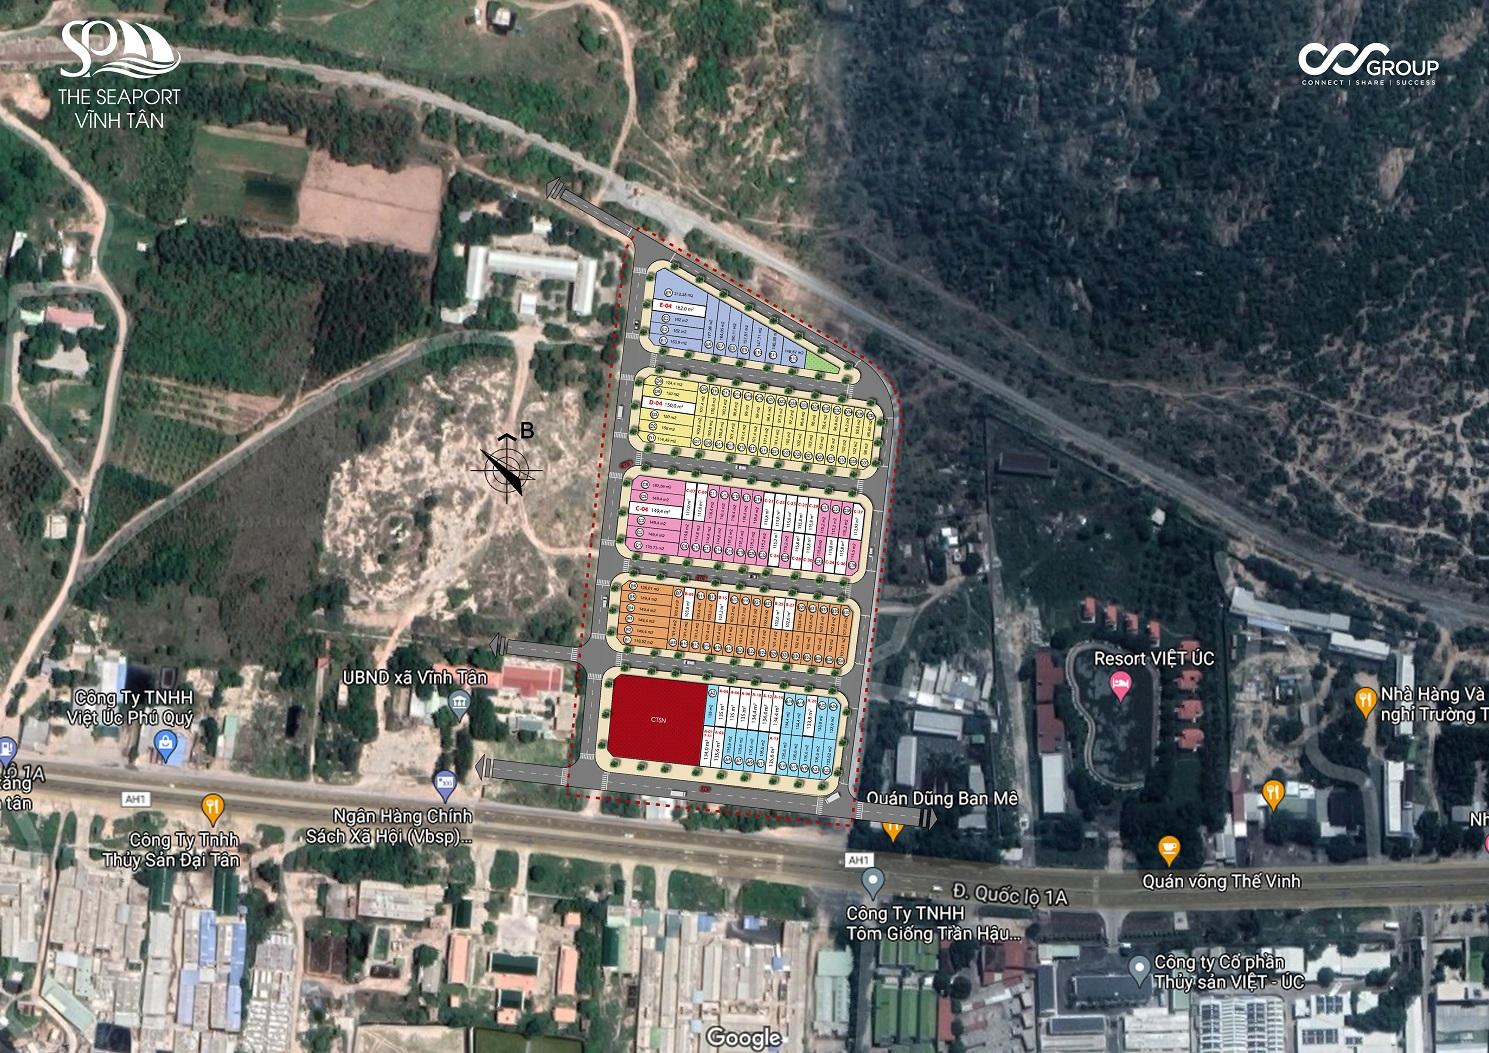 Dự án Đất nền The Seaport Vĩnh Tân trong khu vực dân cư hiện hữu sầm uất